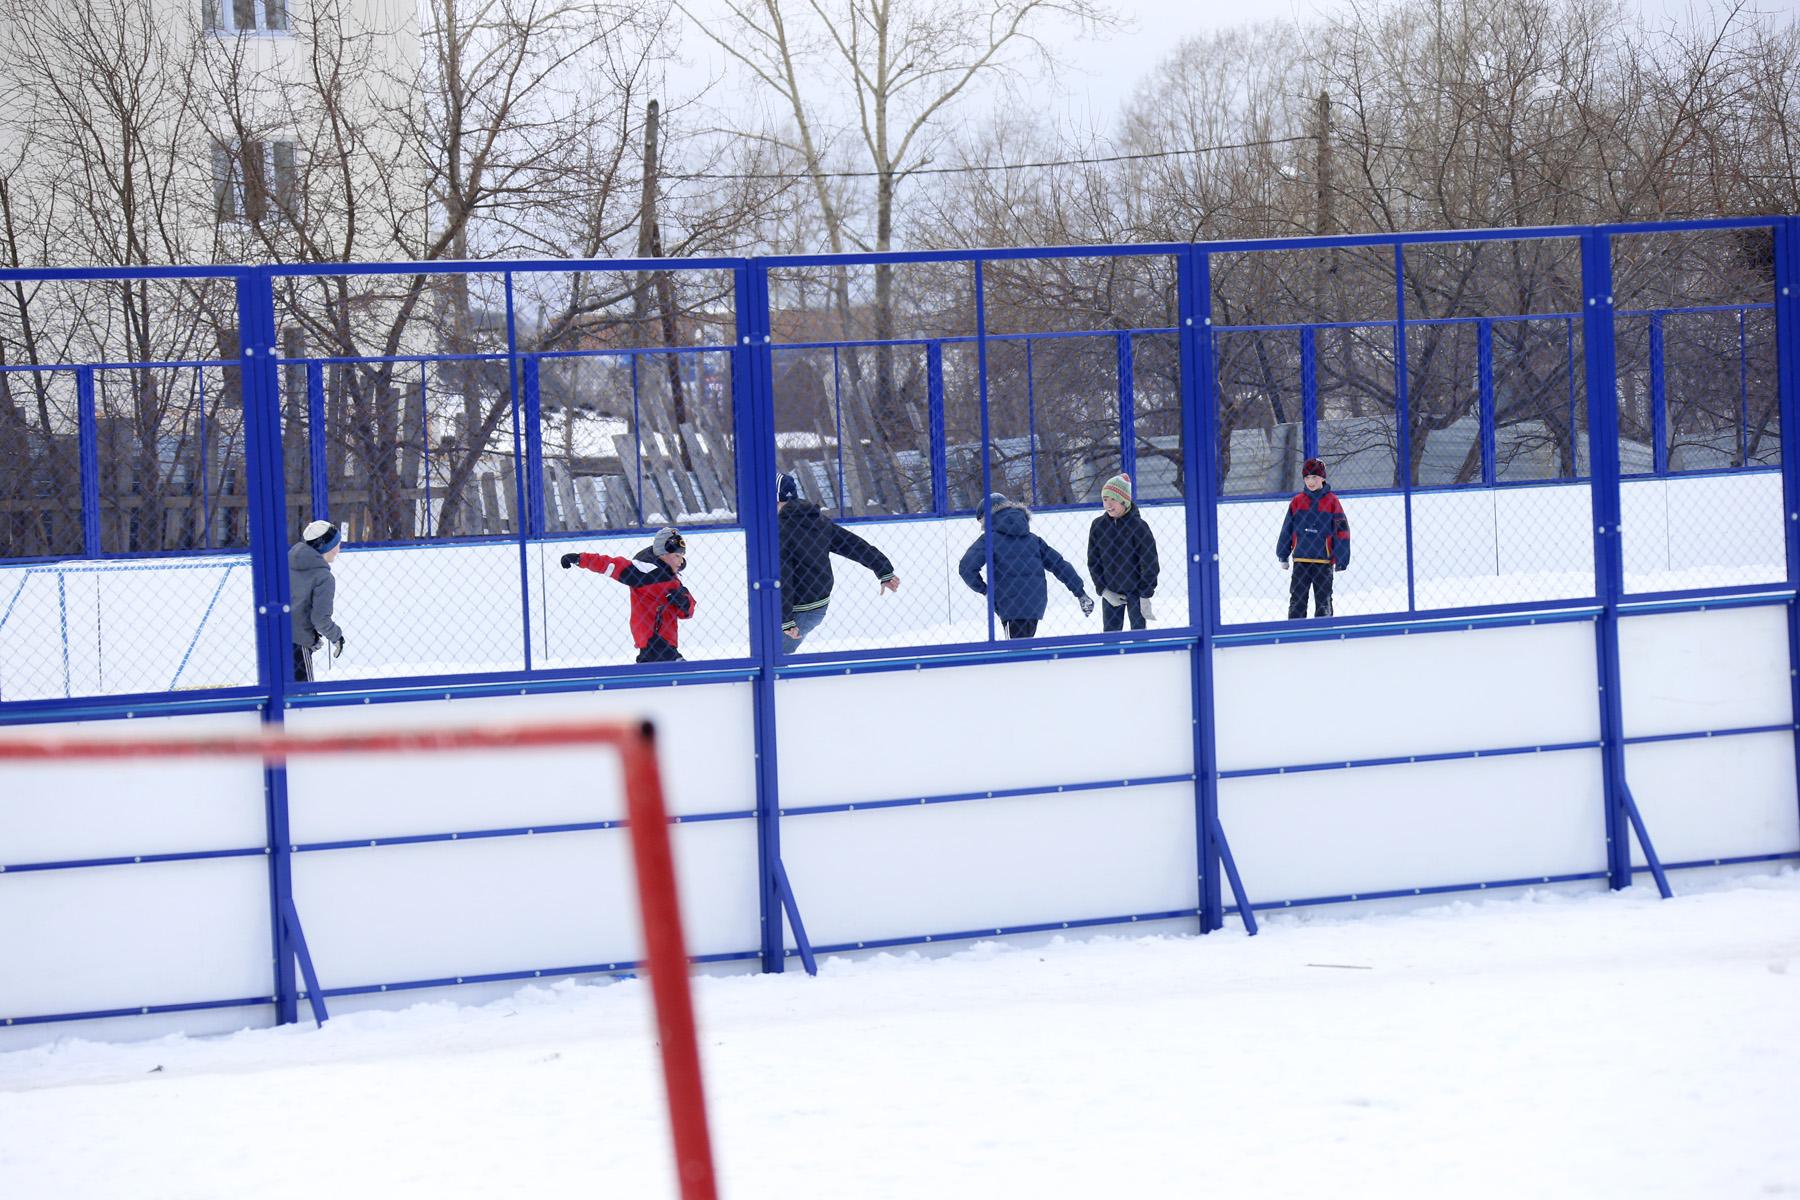 Четыре екатеринбургские школы получат деньги от области на ремонт стадионов